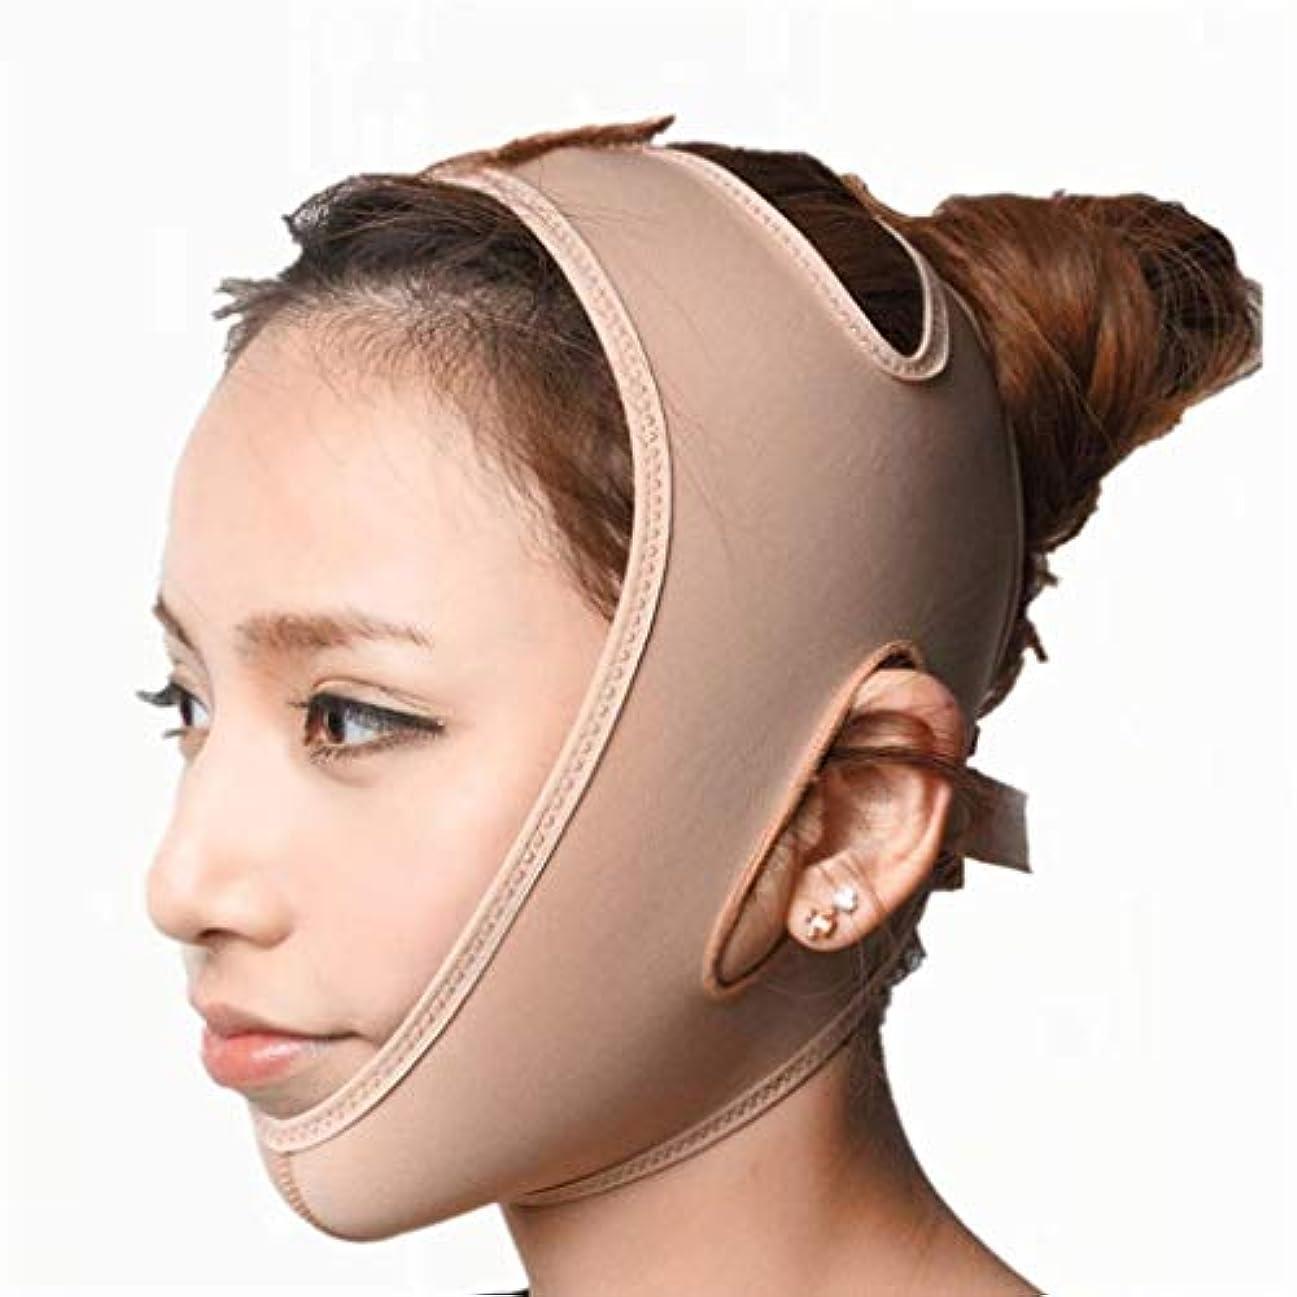 保険住人デモンストレーションフェイスリフティング痩身Vフェイスマスクフルカバレッジ包帯減らす顔の二重あごケア減量美容ベルト通気性